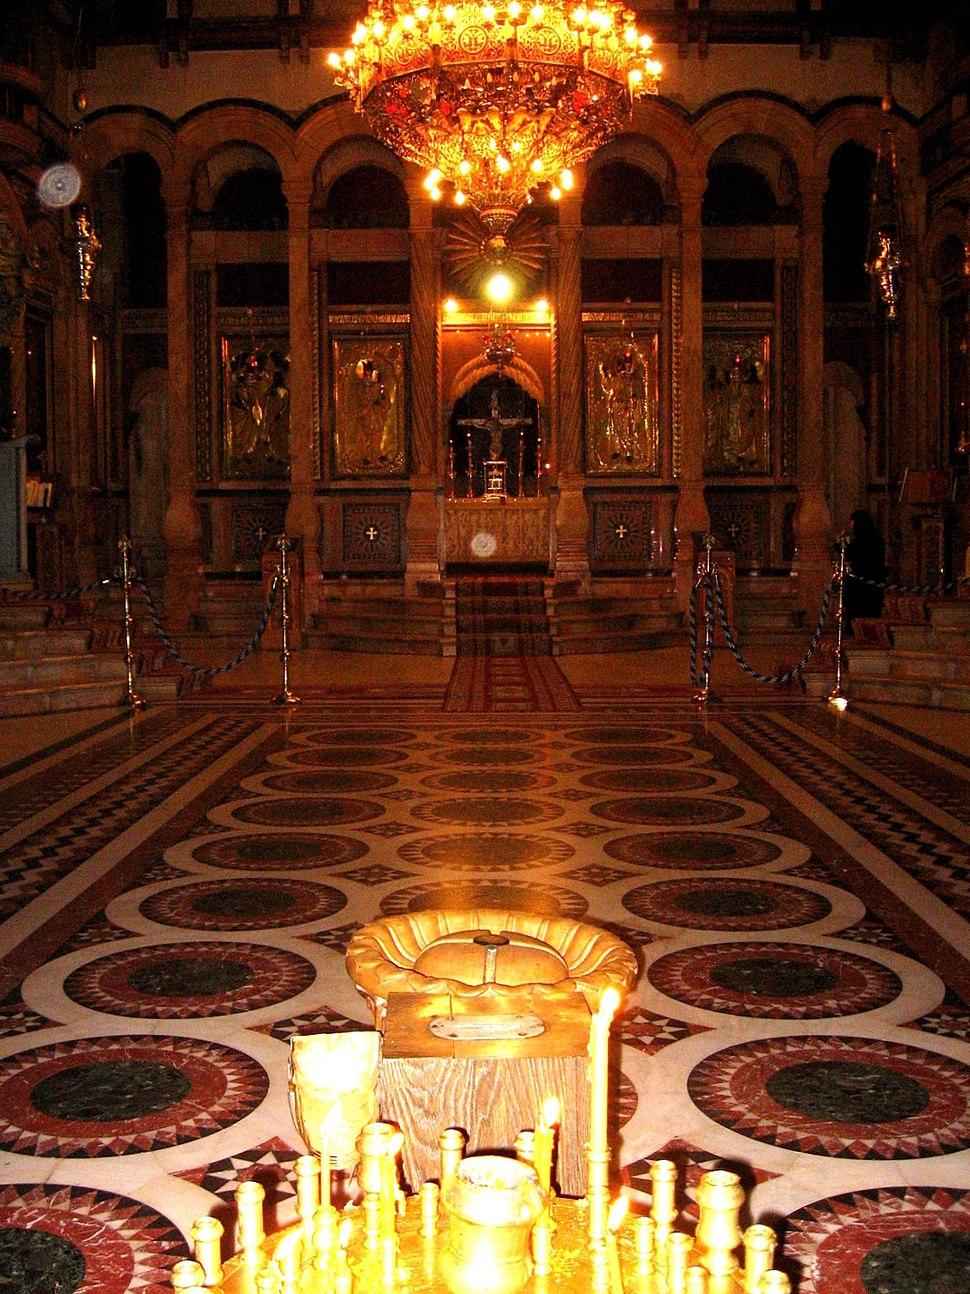 5291-20080123-jerusalem-holy-sepulchre-catholicon